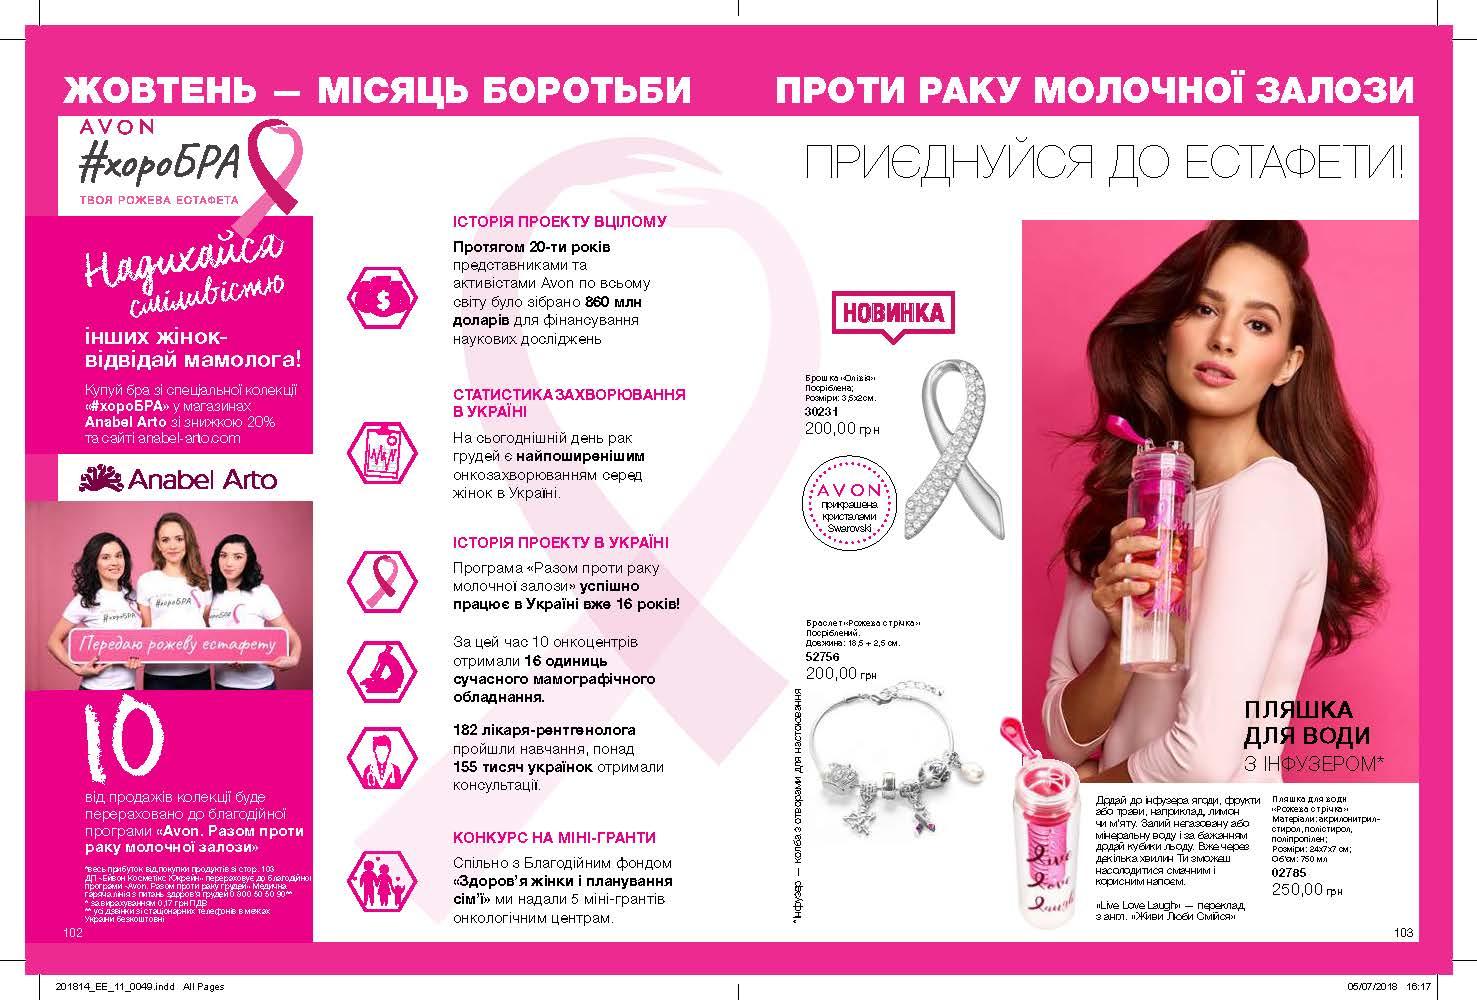 Каталог ейвон україна онлайн купить в интернет магазине детскую косметику